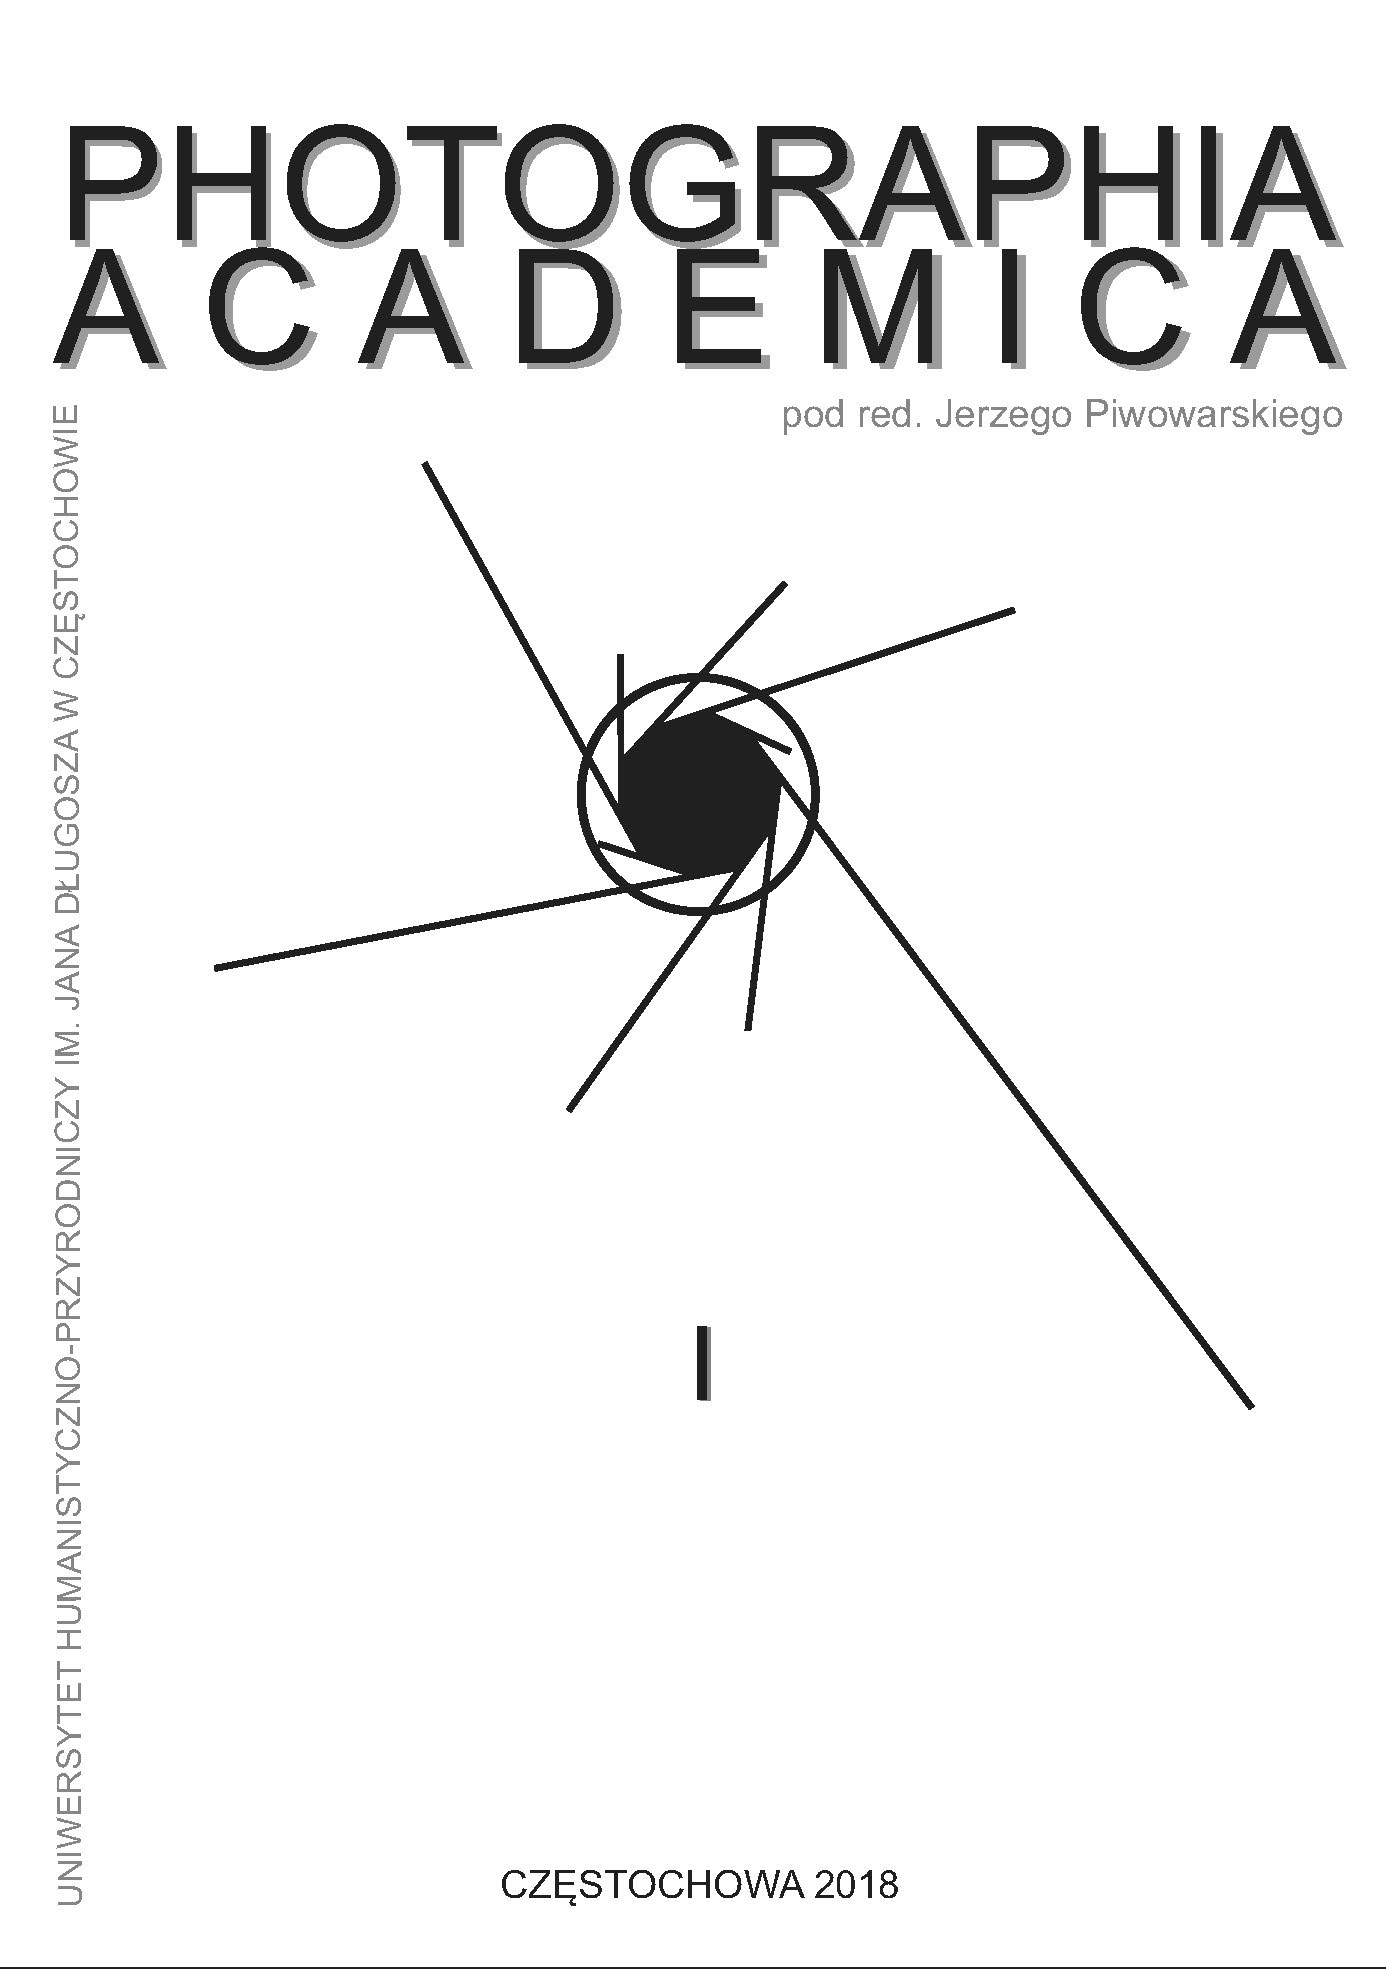 Photographia Academica